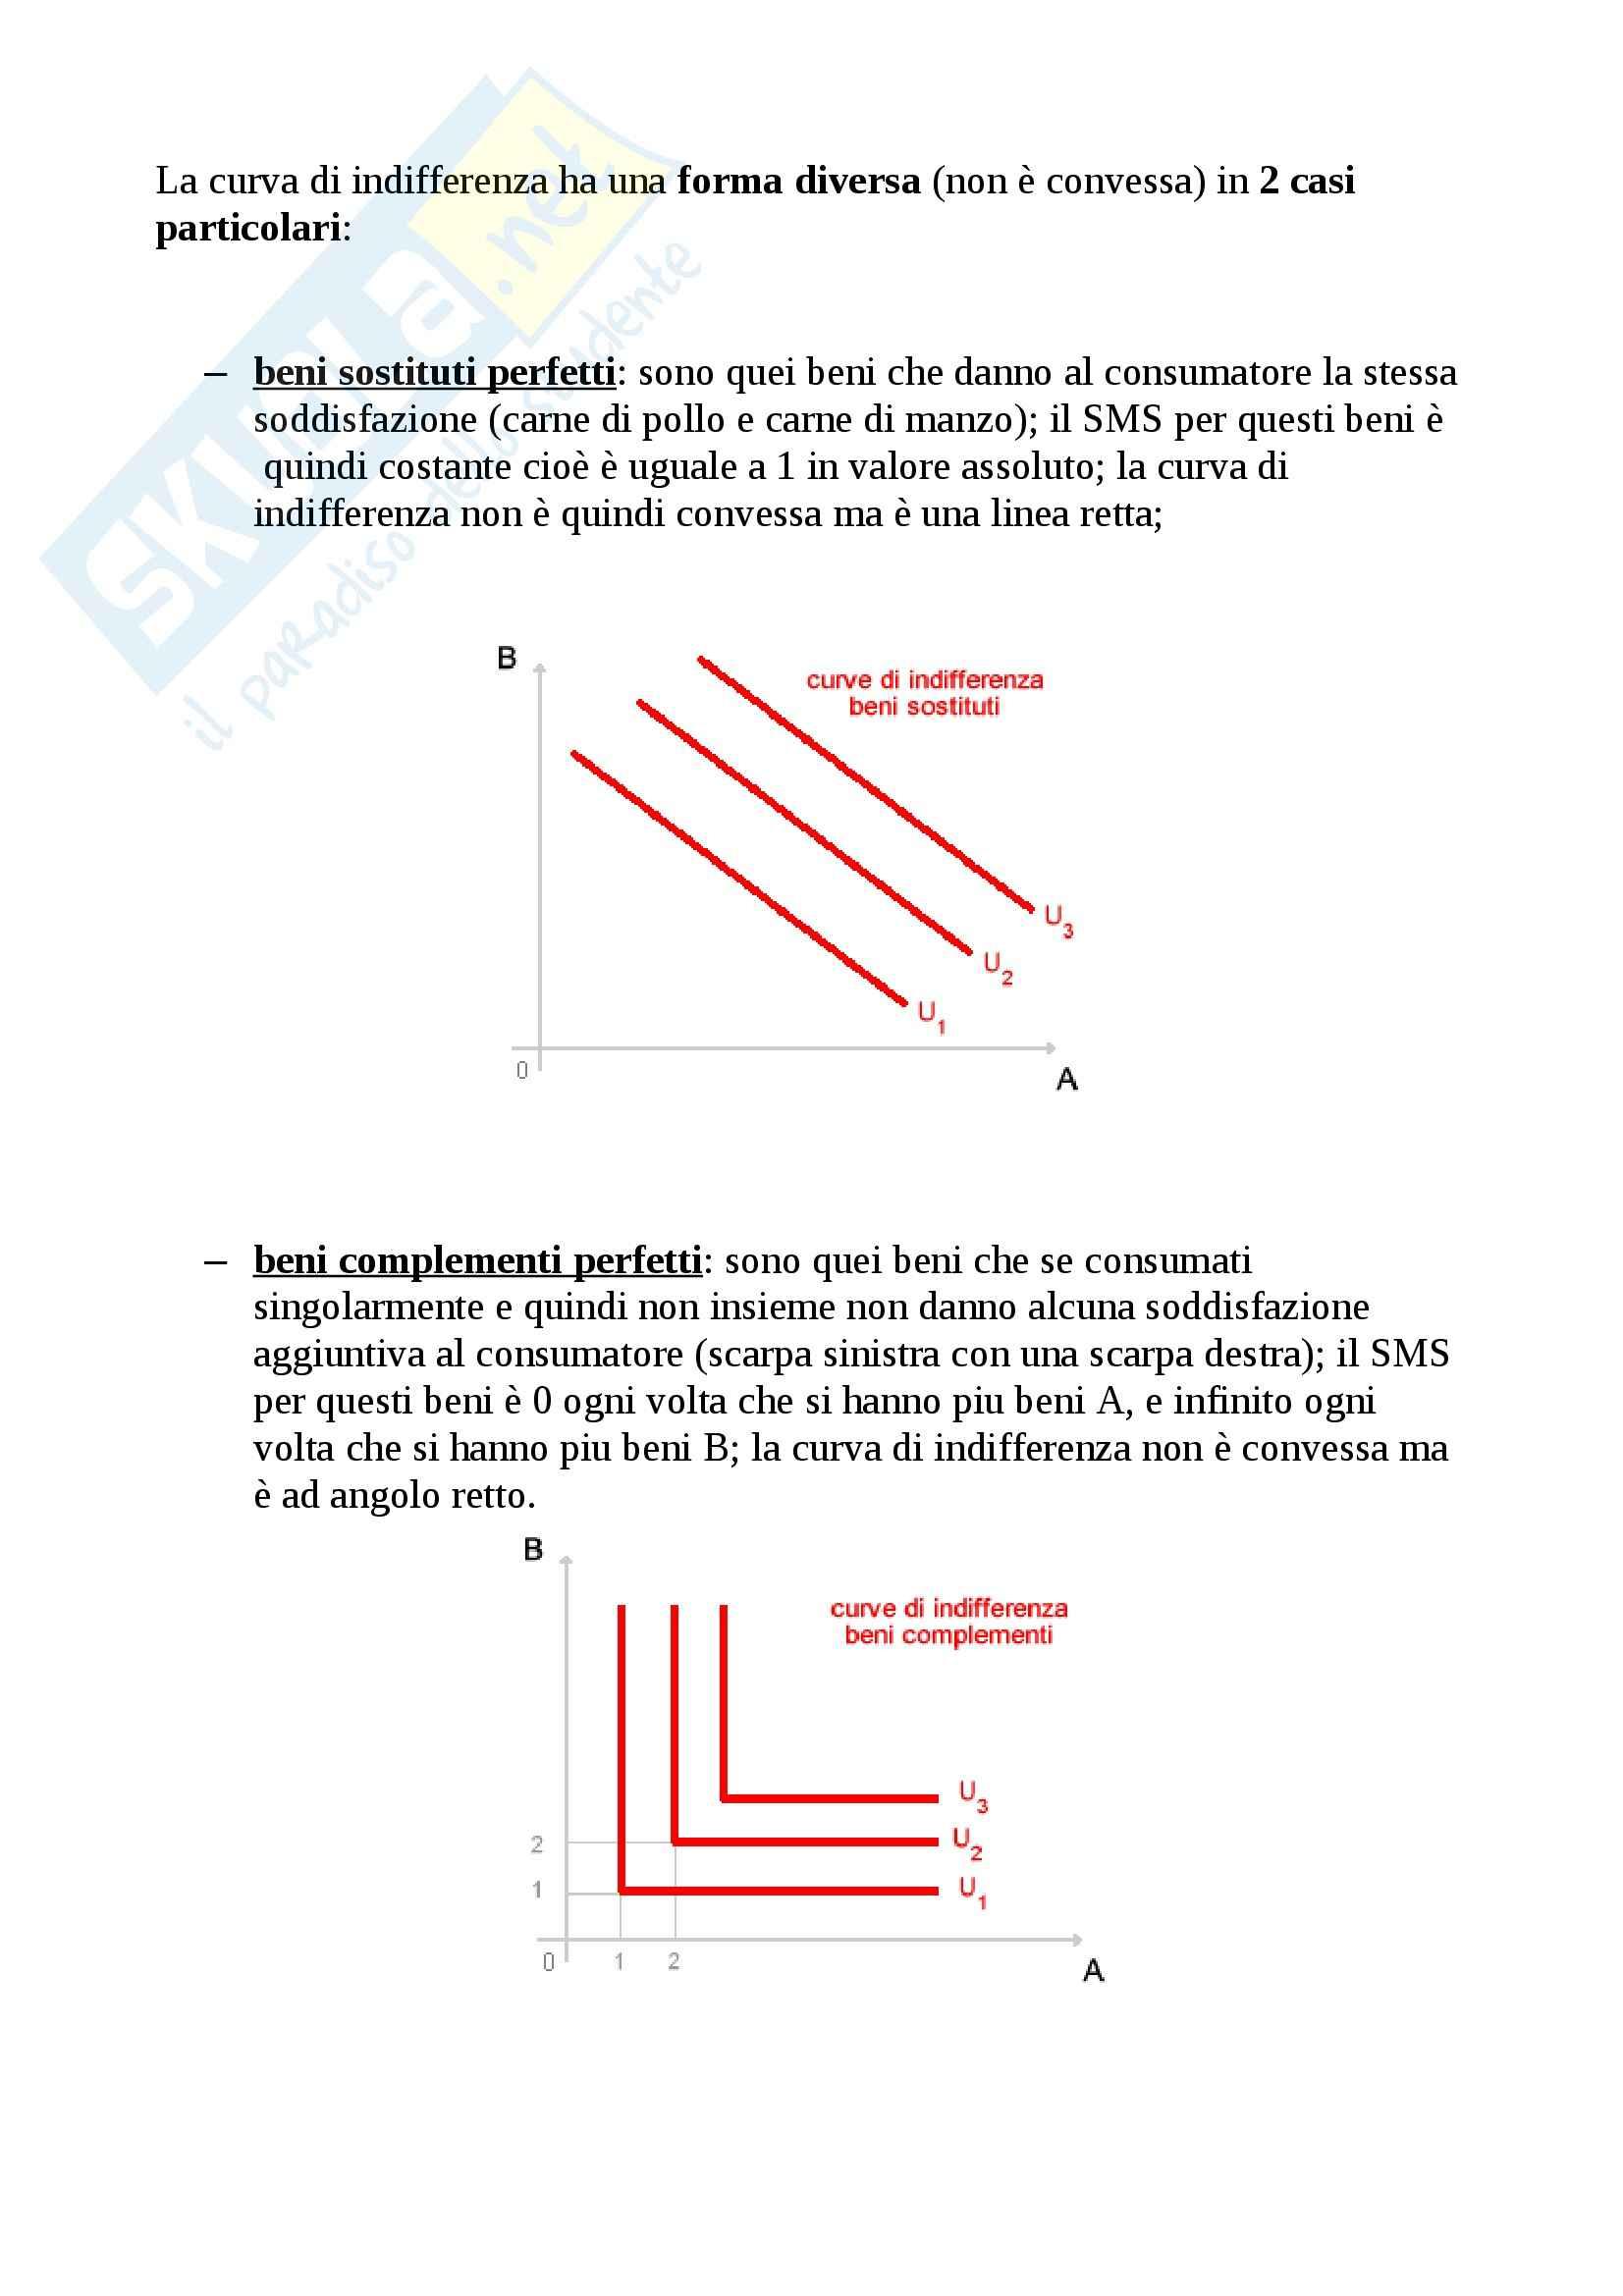 Riassunto - Teoria del consumatore Pag. 6